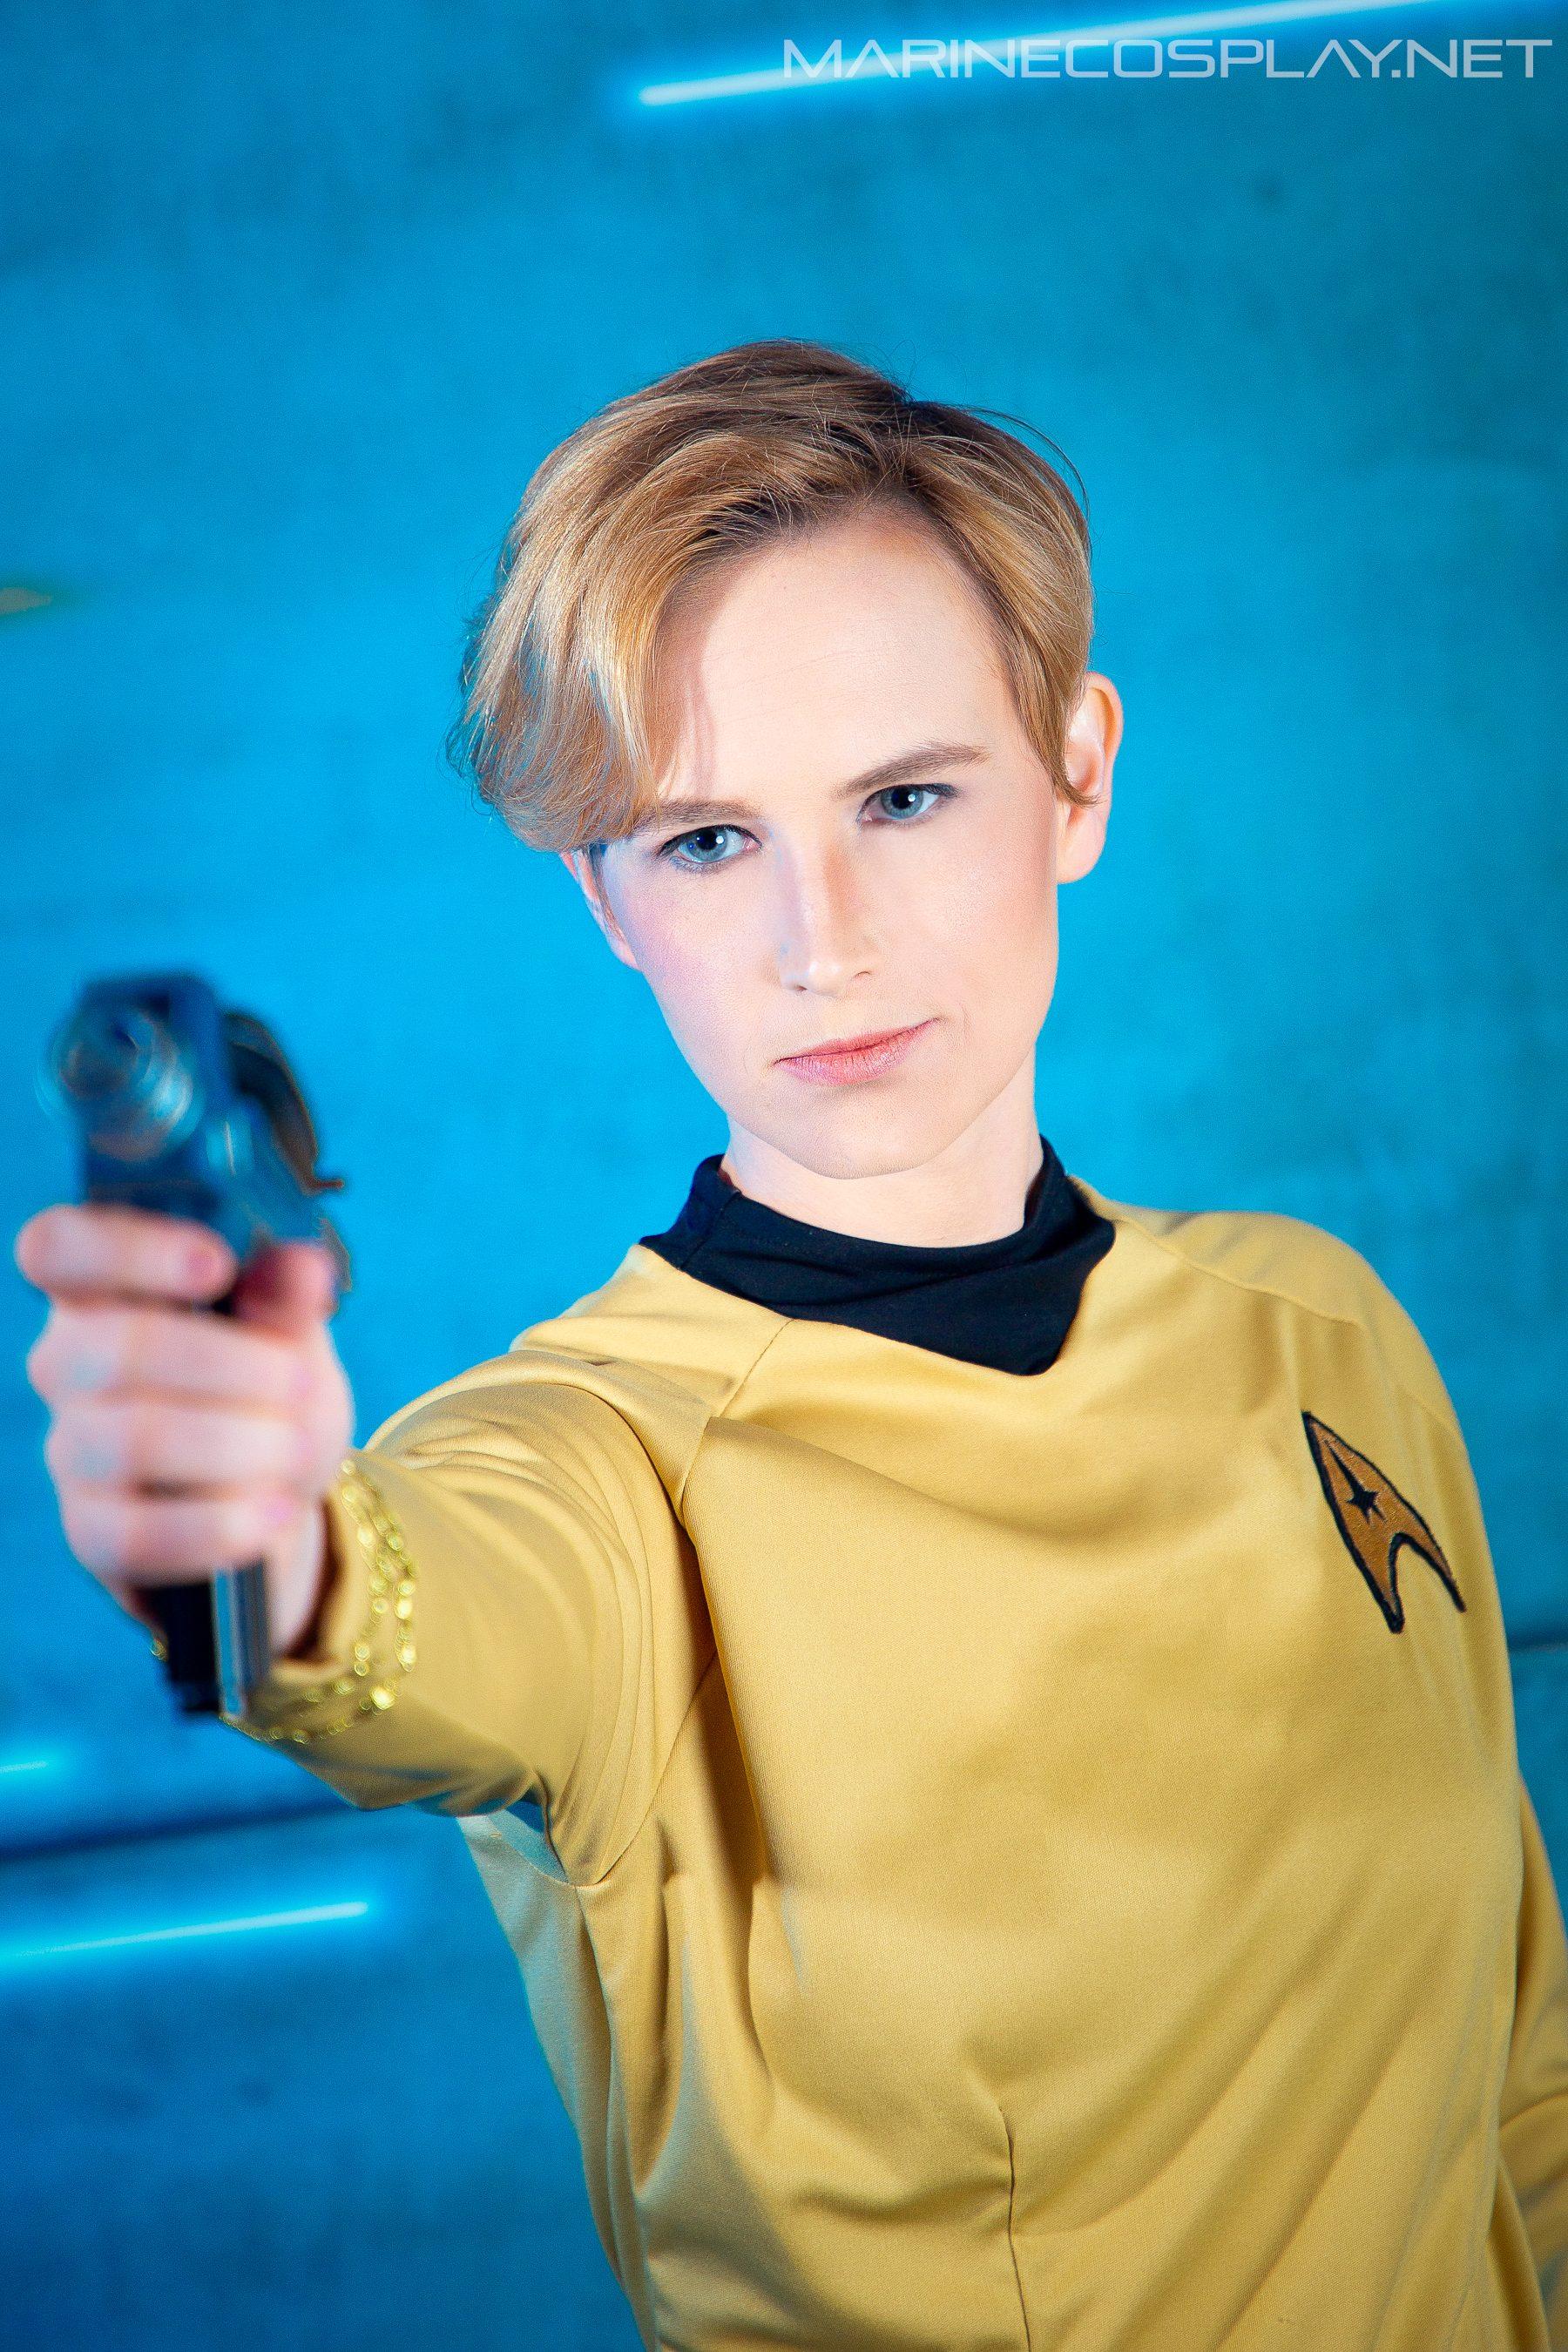 [COSPLAY][STAR TREK] Female Kirk